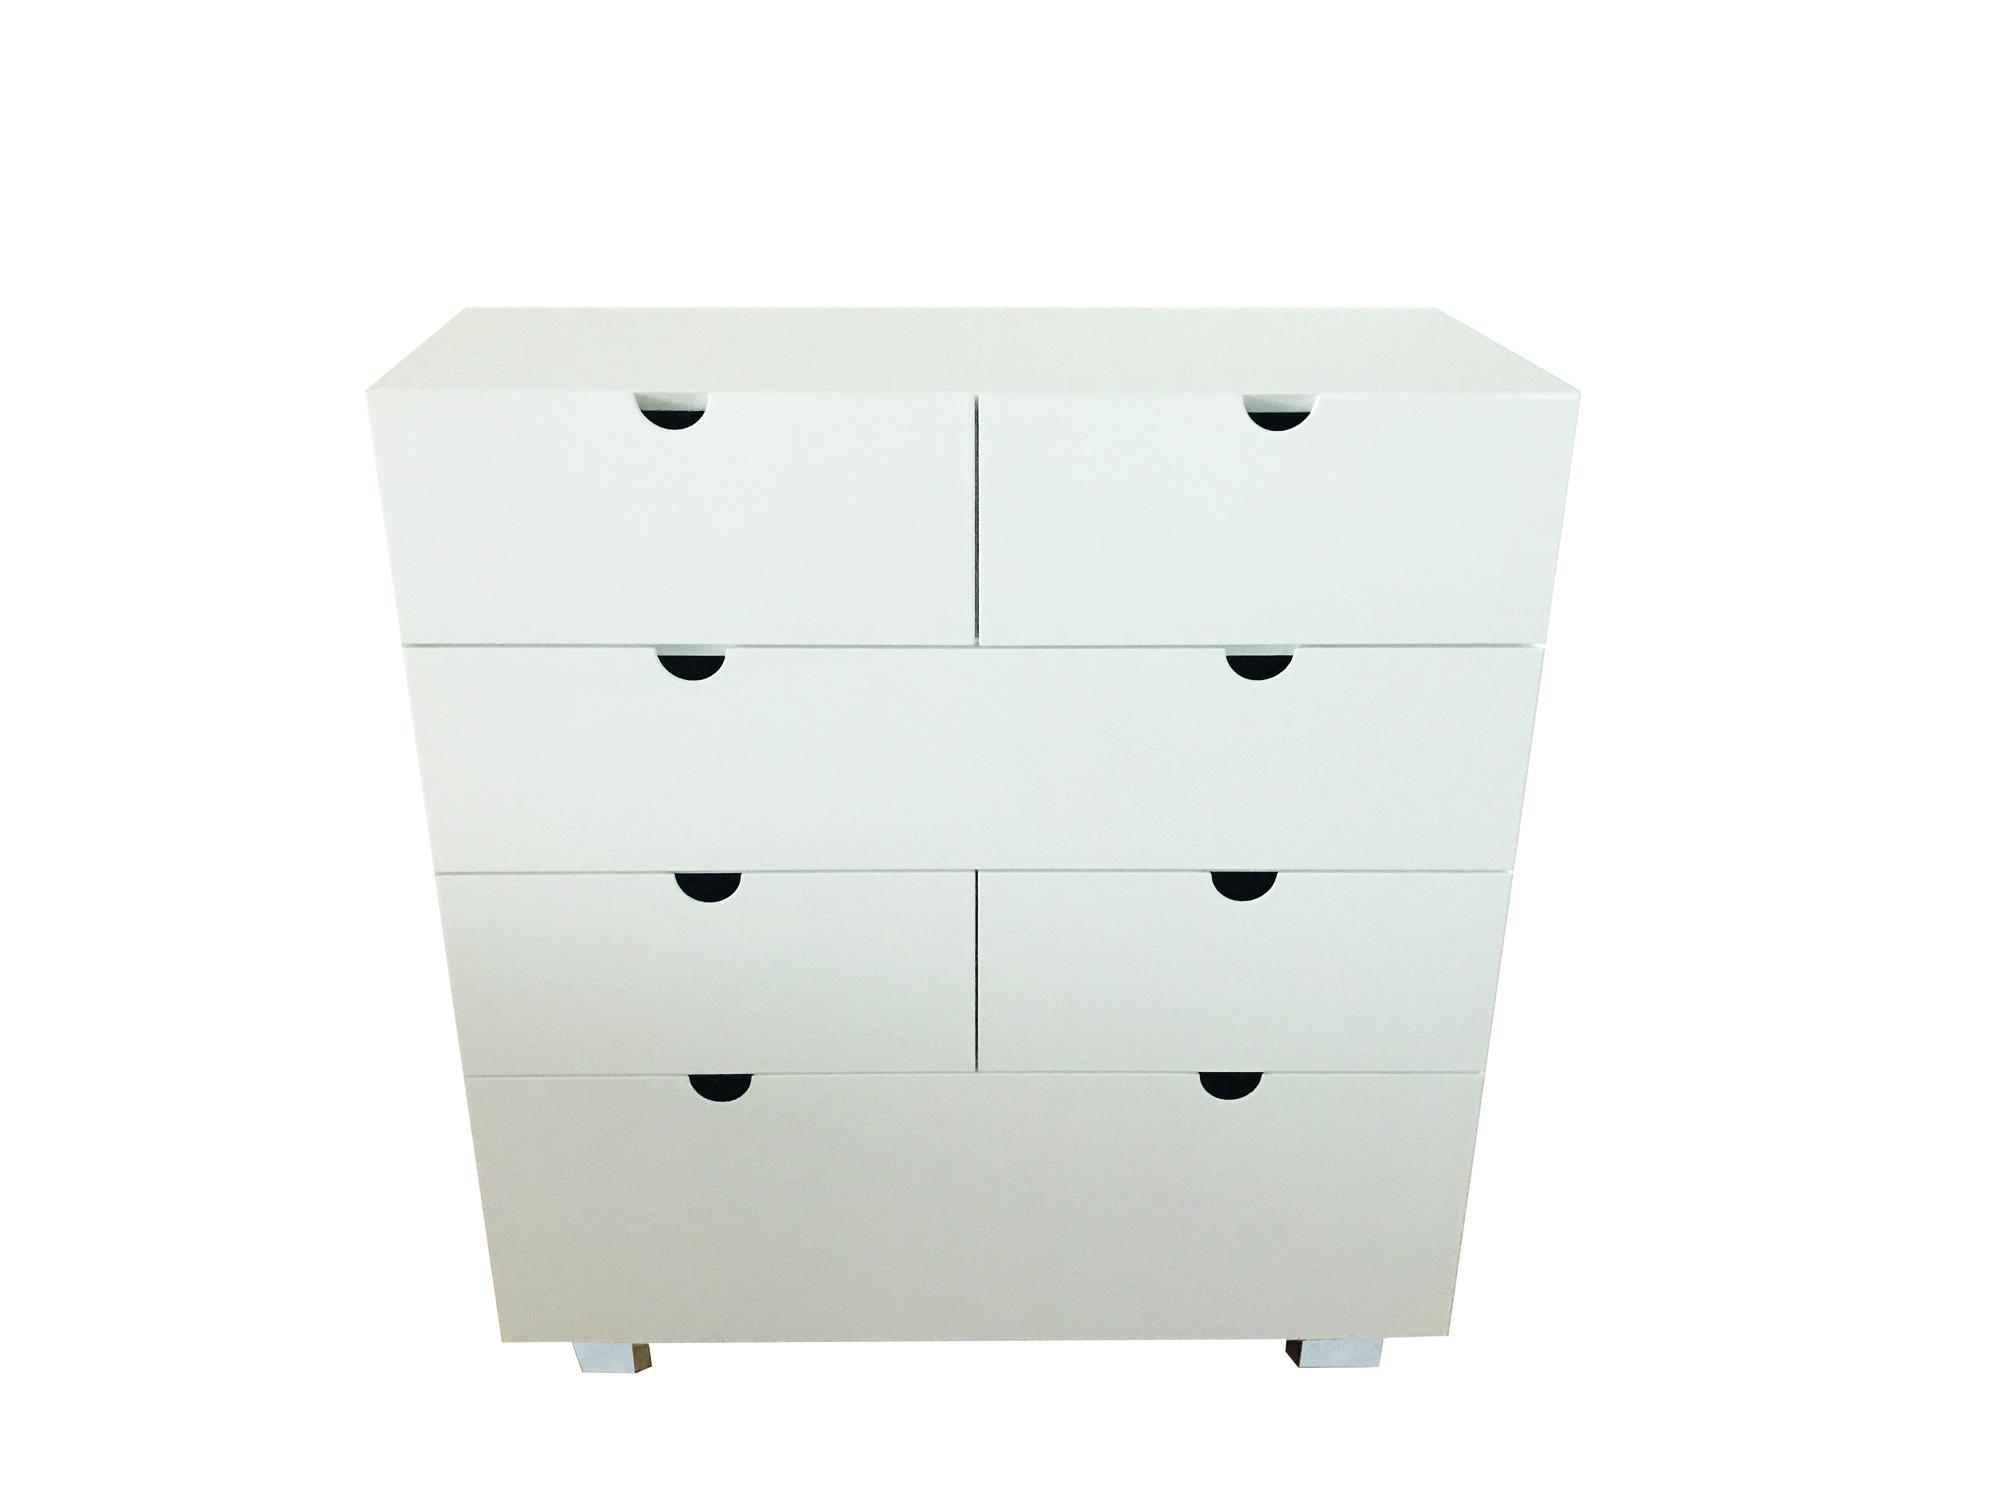 kommode mit 8 schubladen 90 cm breit solovivo. Black Bedroom Furniture Sets. Home Design Ideas